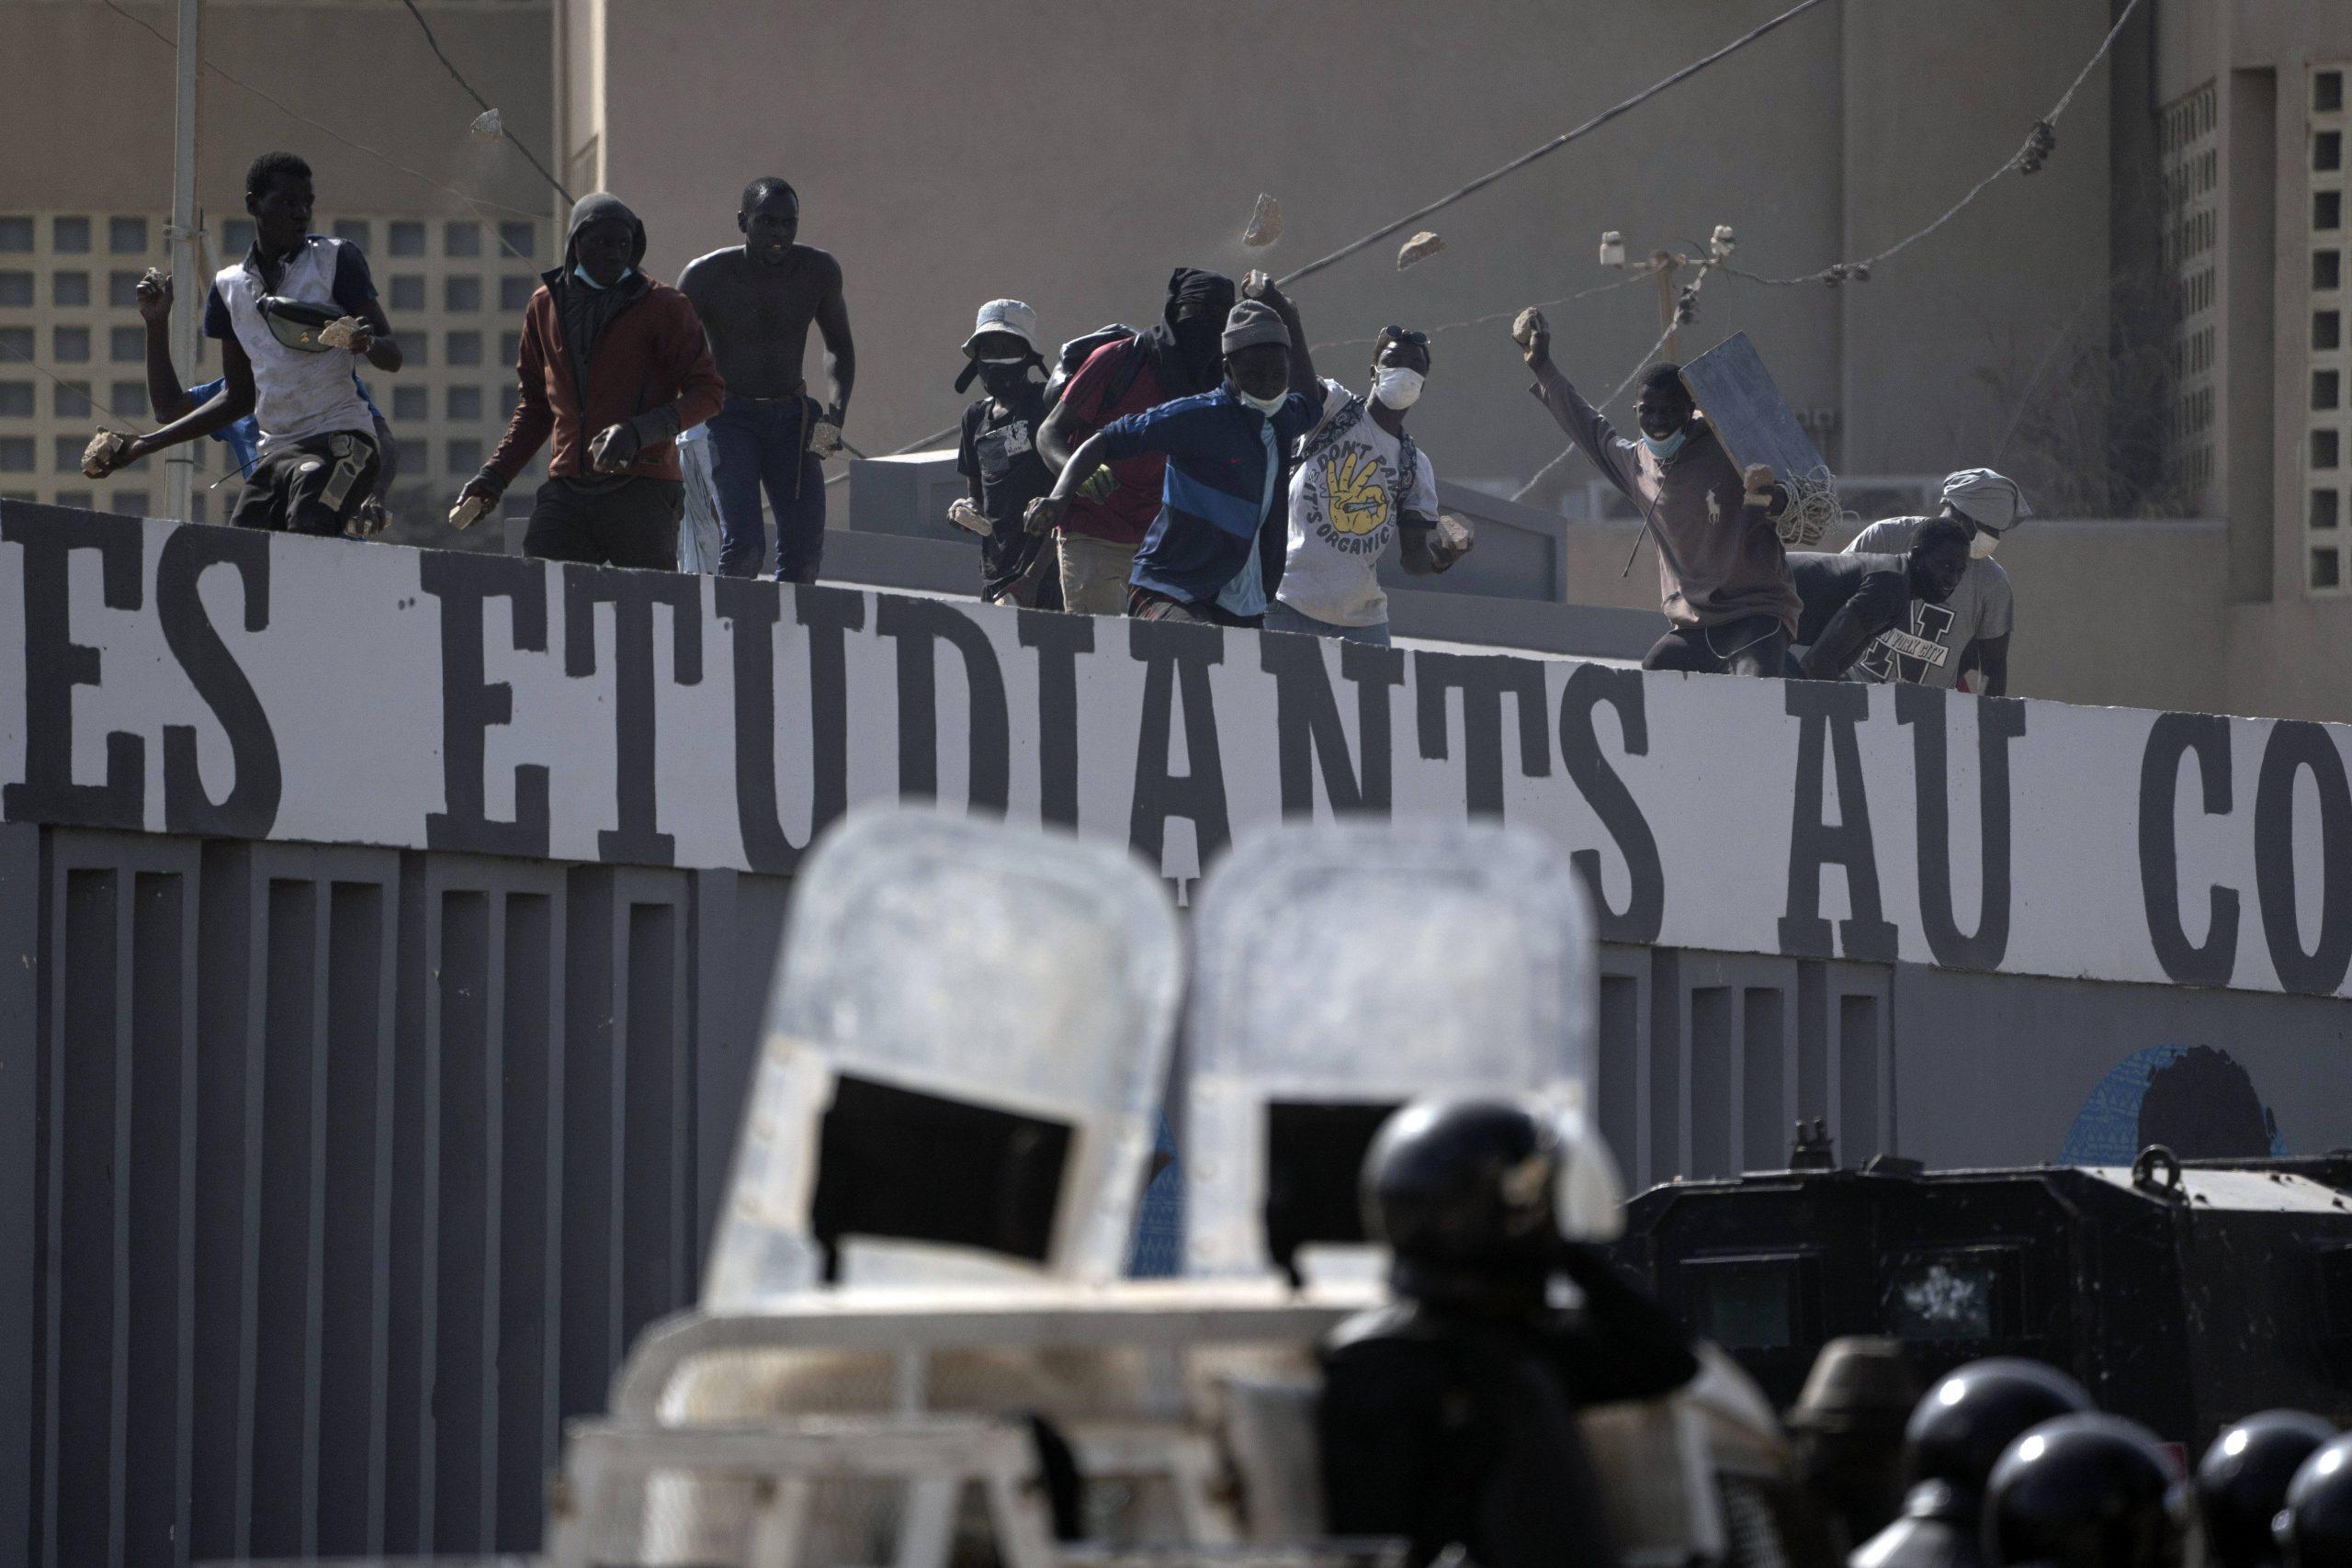 Affrontements entre étudiants et forces de l'ordre, à l'université Cheikh Anta Diop de Dakar, le 4 mars 2021.